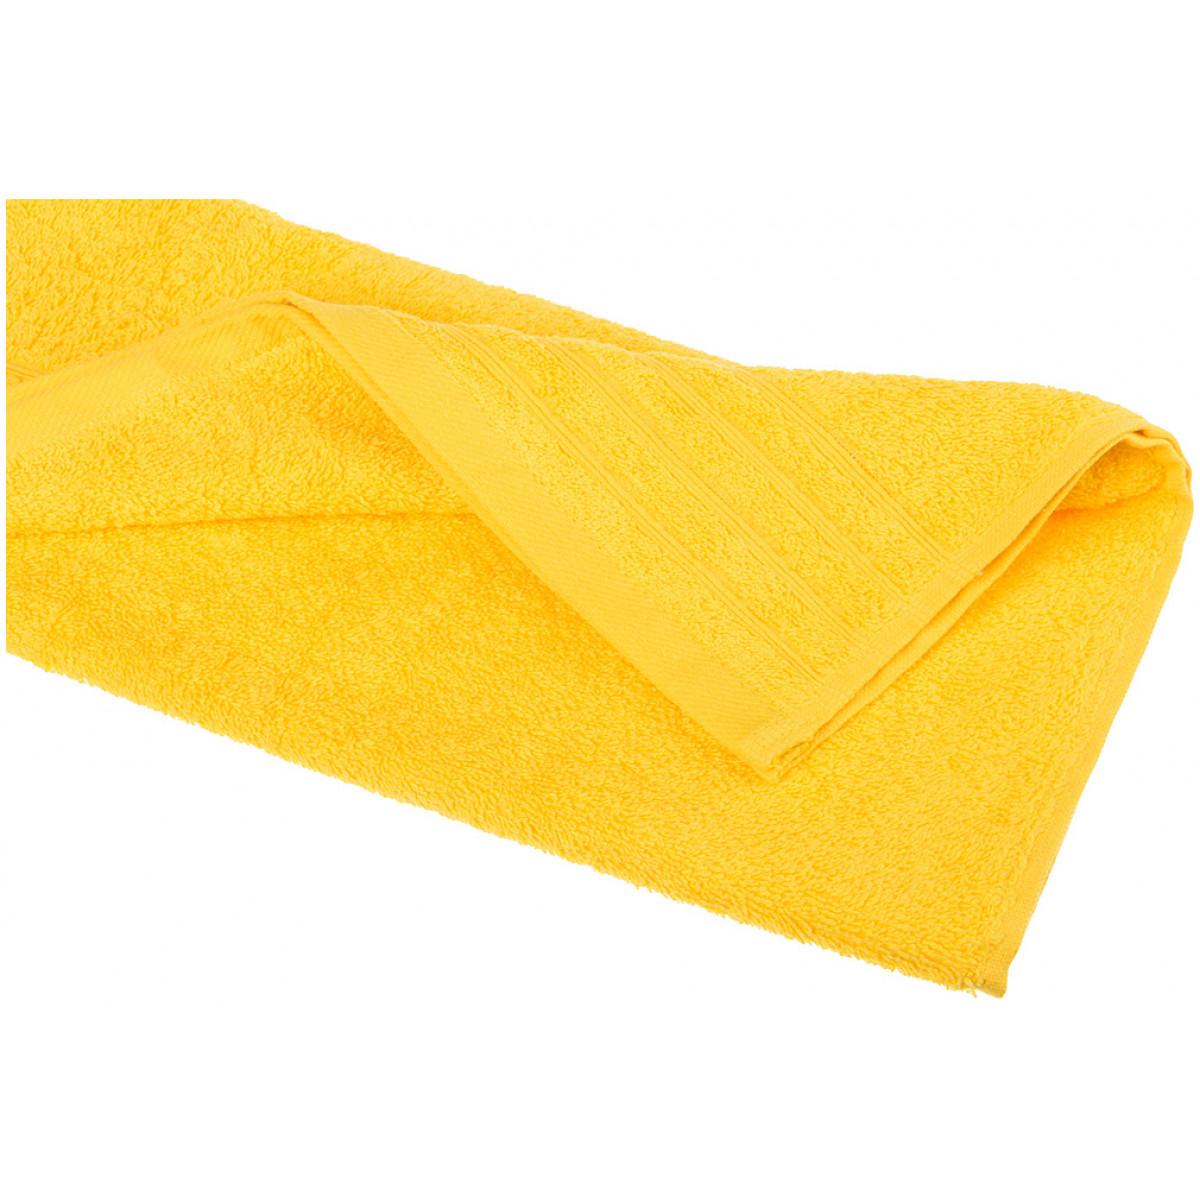 Купить Полотенца Santalino, Полотенце Mira (40х70 см), Пакистан, Желтый, Махра